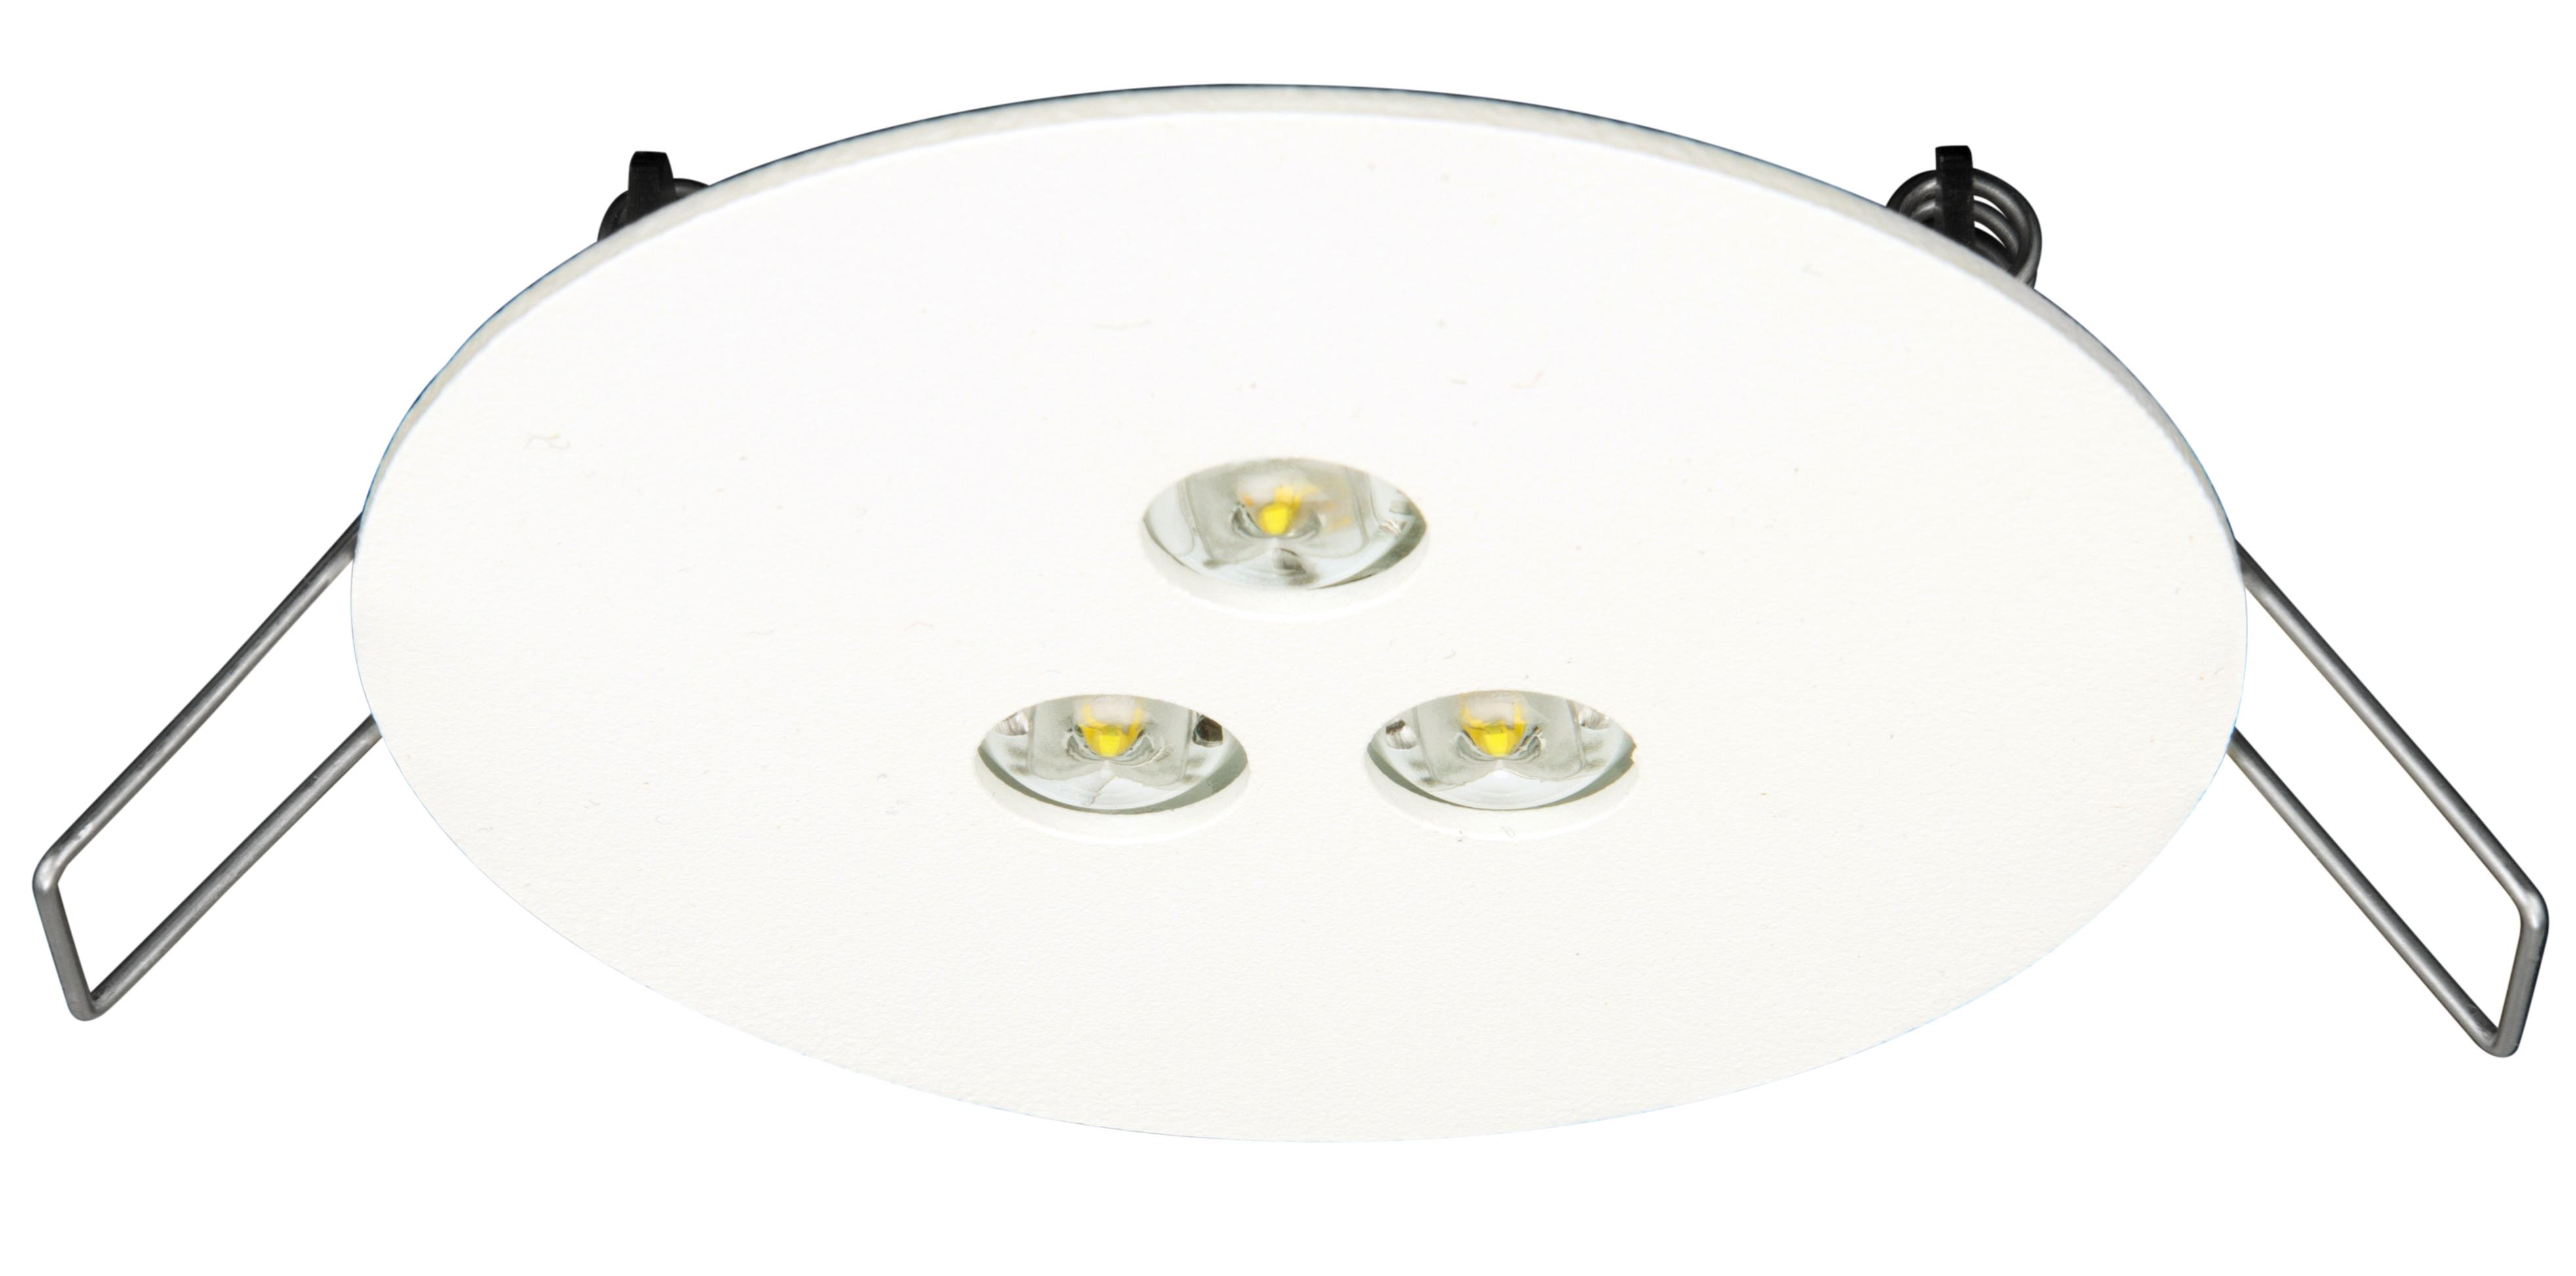 1 Stk Notleuchte DER Überwachung und Mischbetrieb ERT-LED 230V NLDER029ML